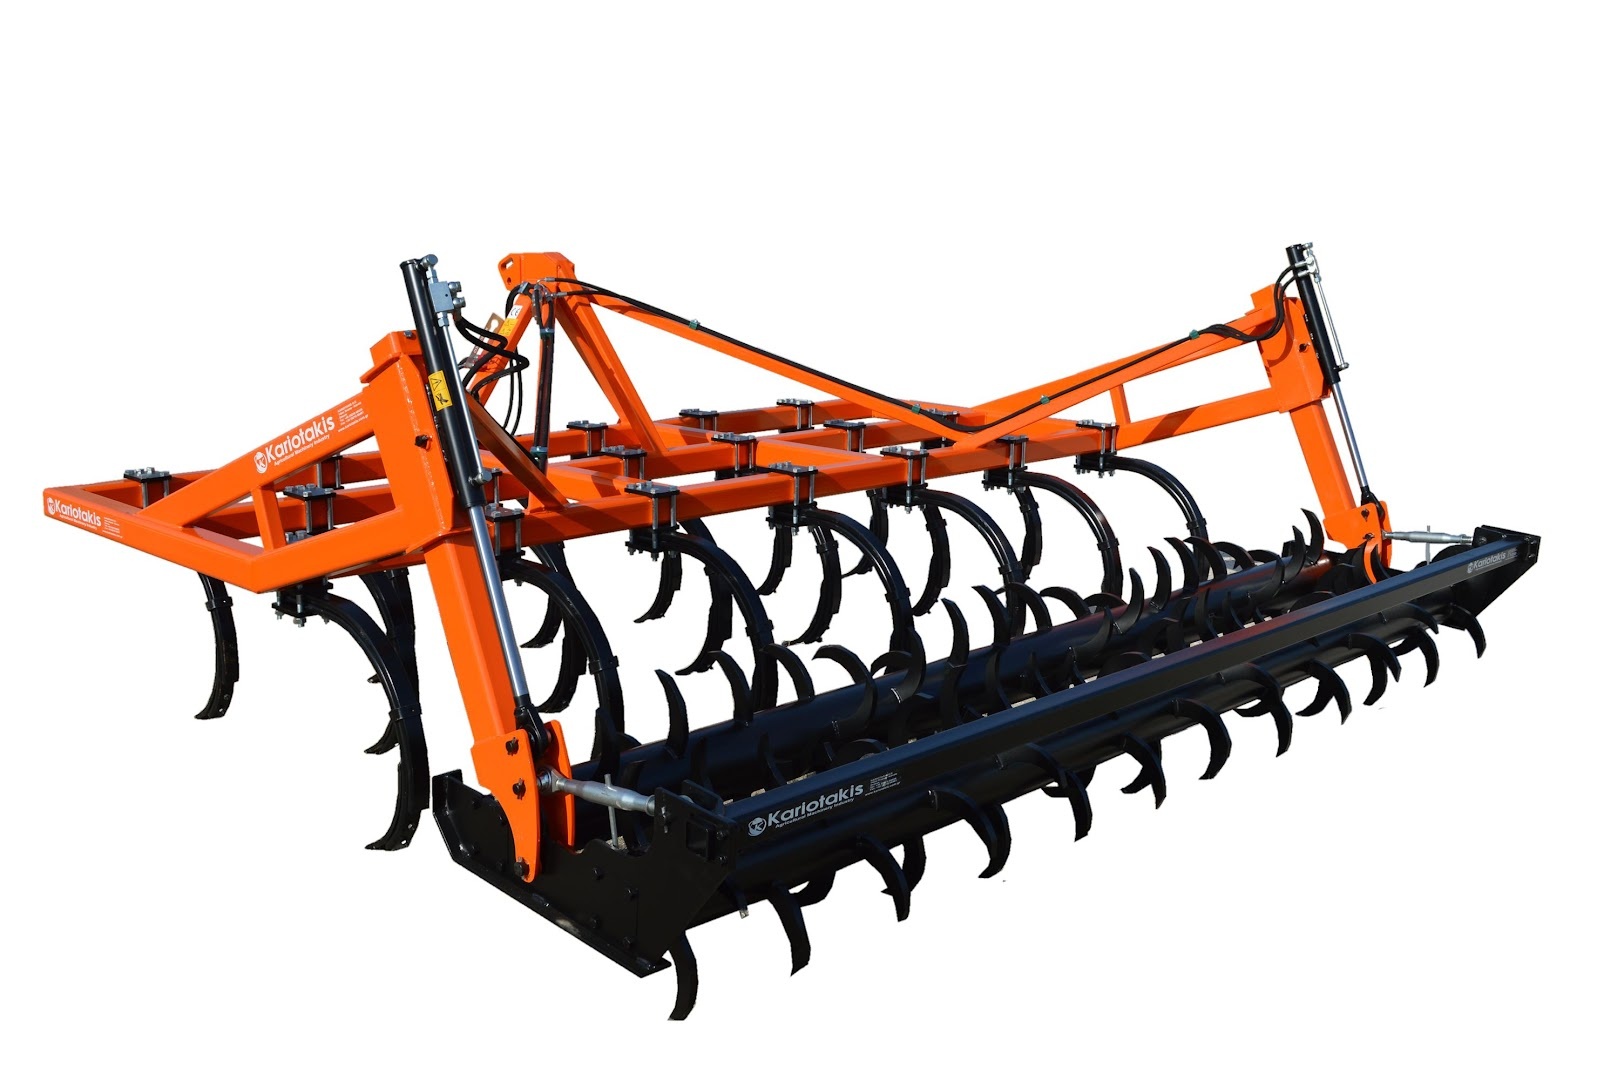 καλλιεργητεσ φουκασ, καλλιεργητησ παπαδοπουλου, SIPTEC,FOUKAS agricultural machinery, βιογεμ, Biogem